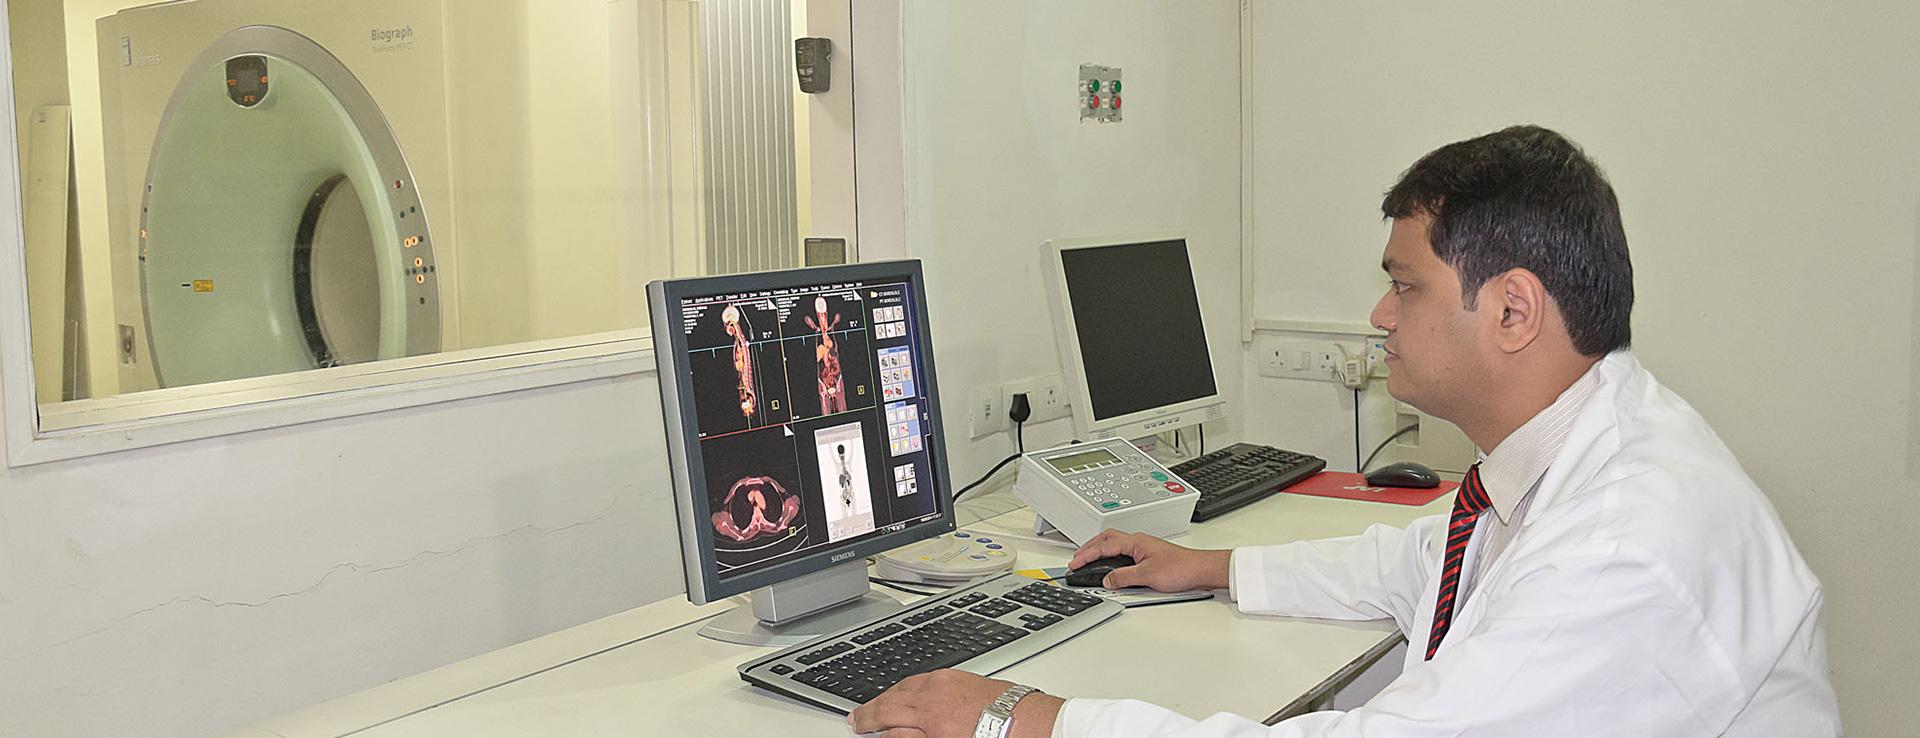 nuclear-cardiology